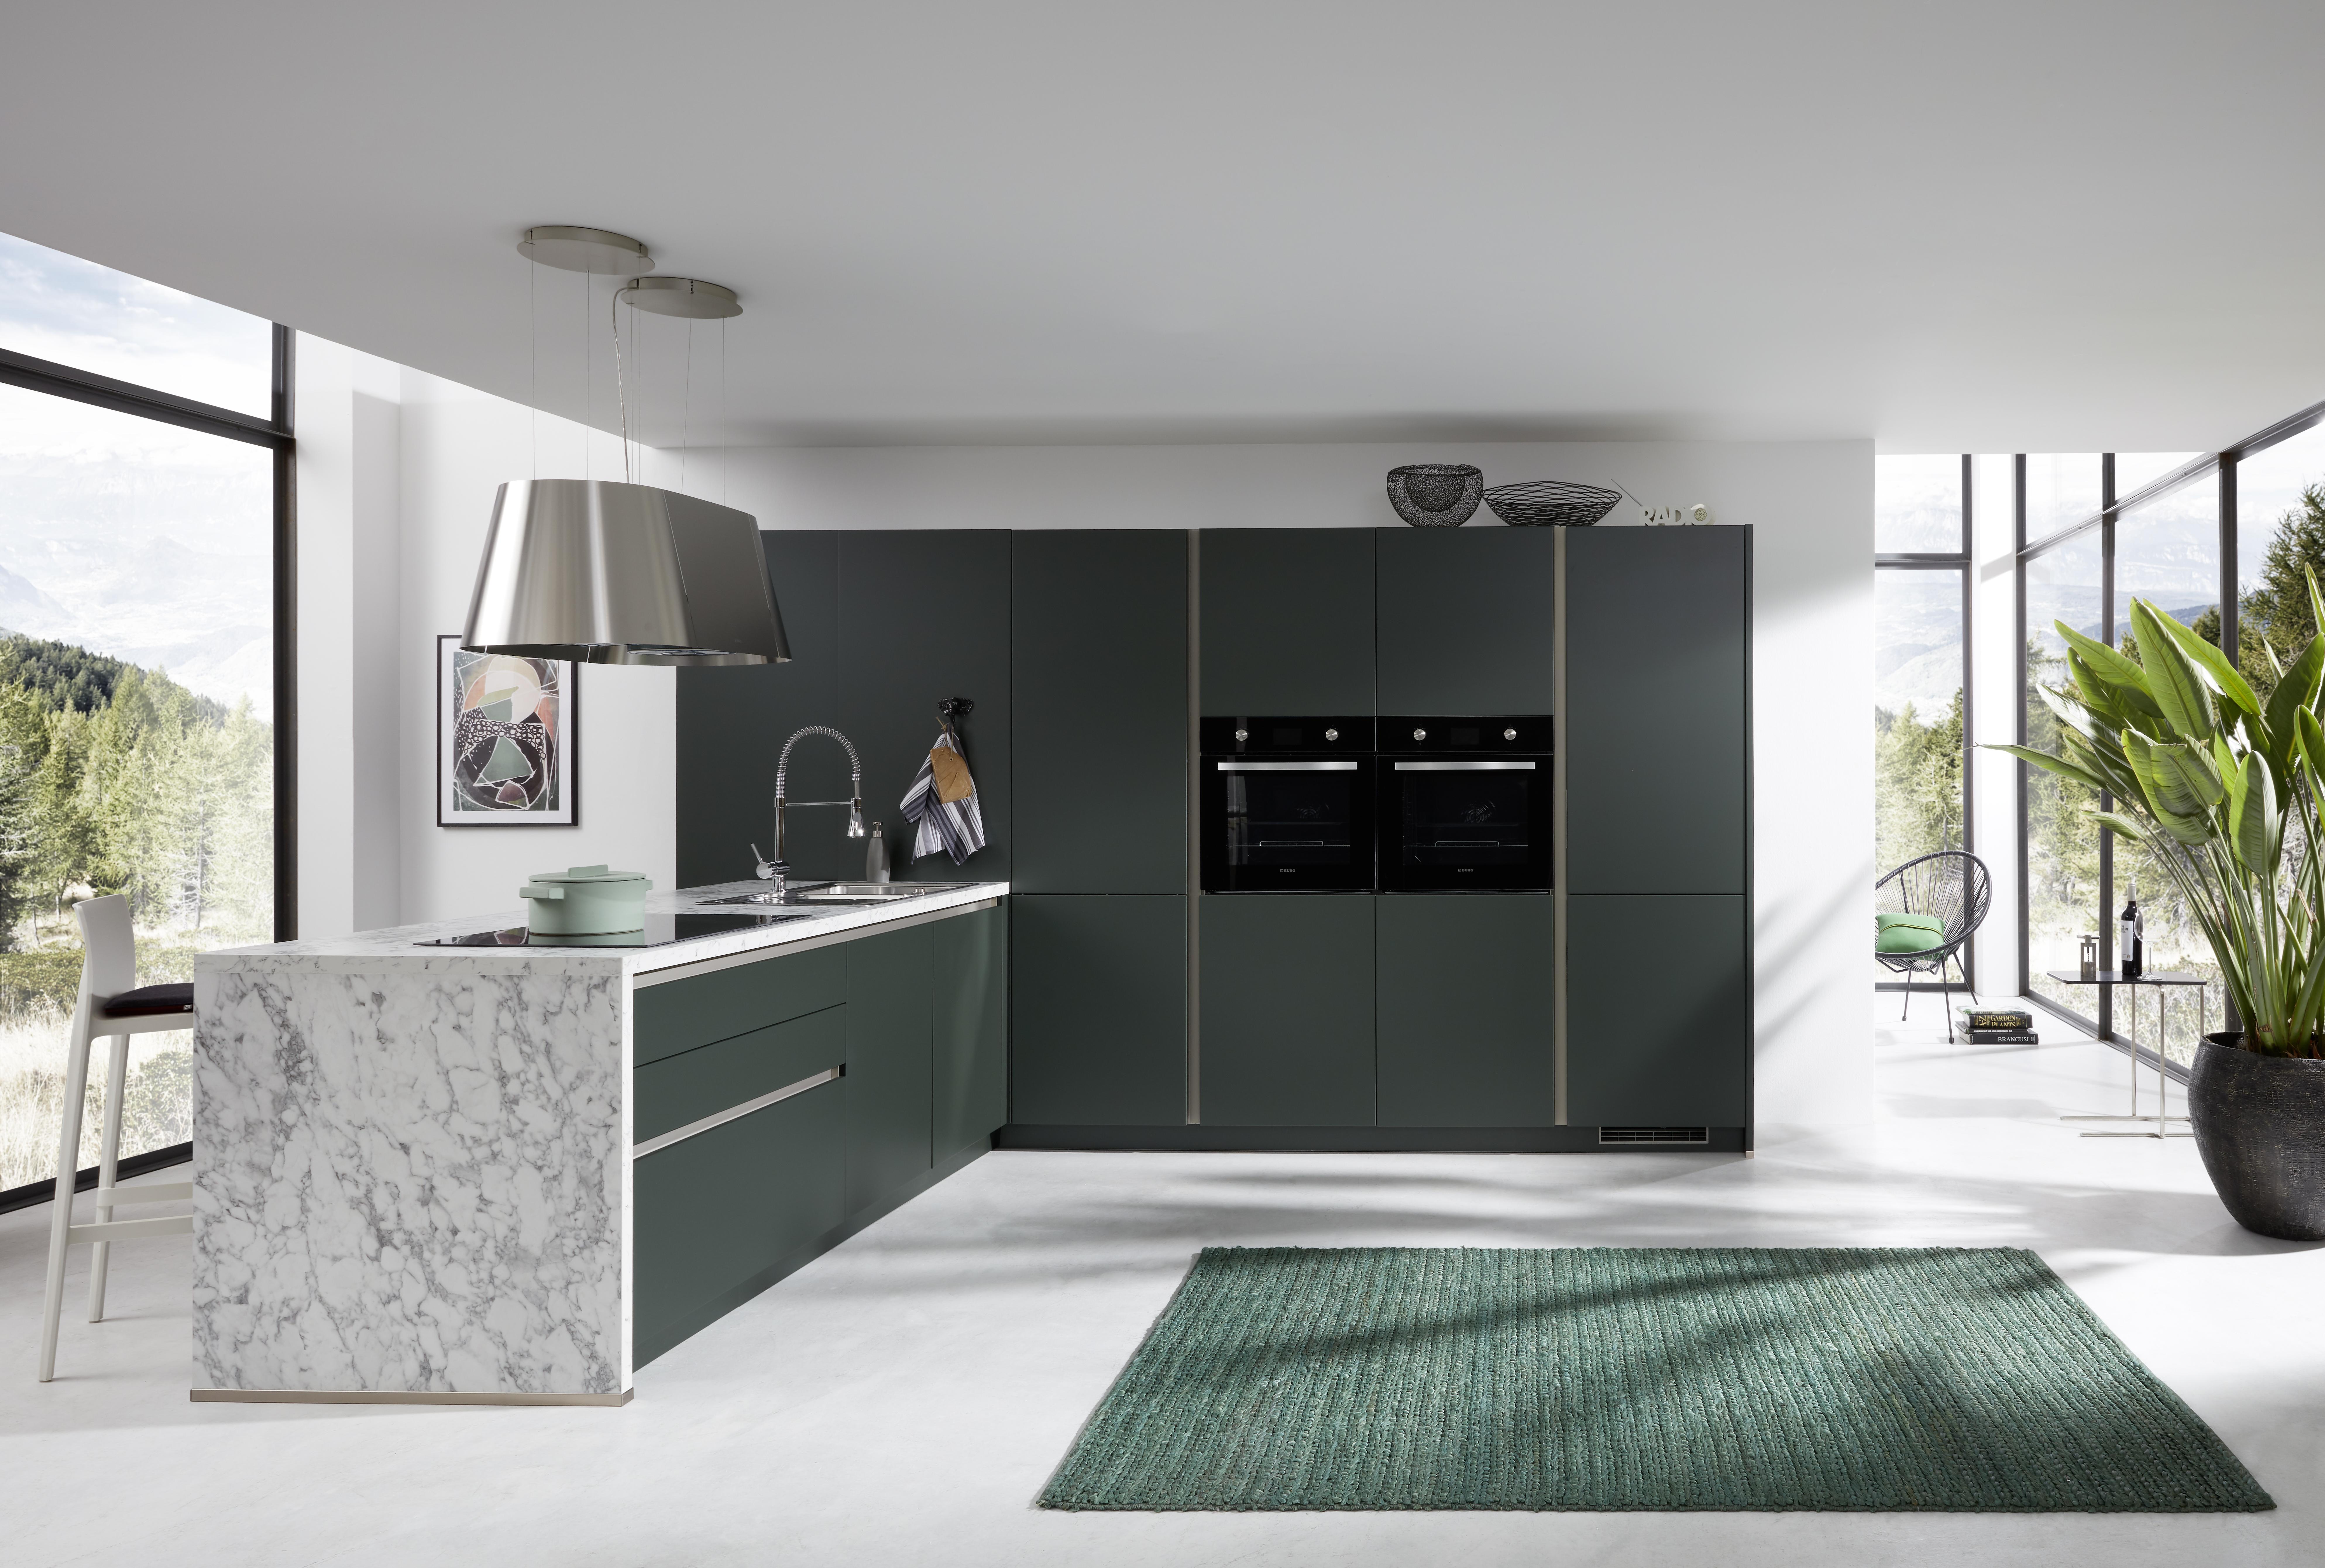 Grüne Küchen - Küchentrends in Grün - Küche&Co